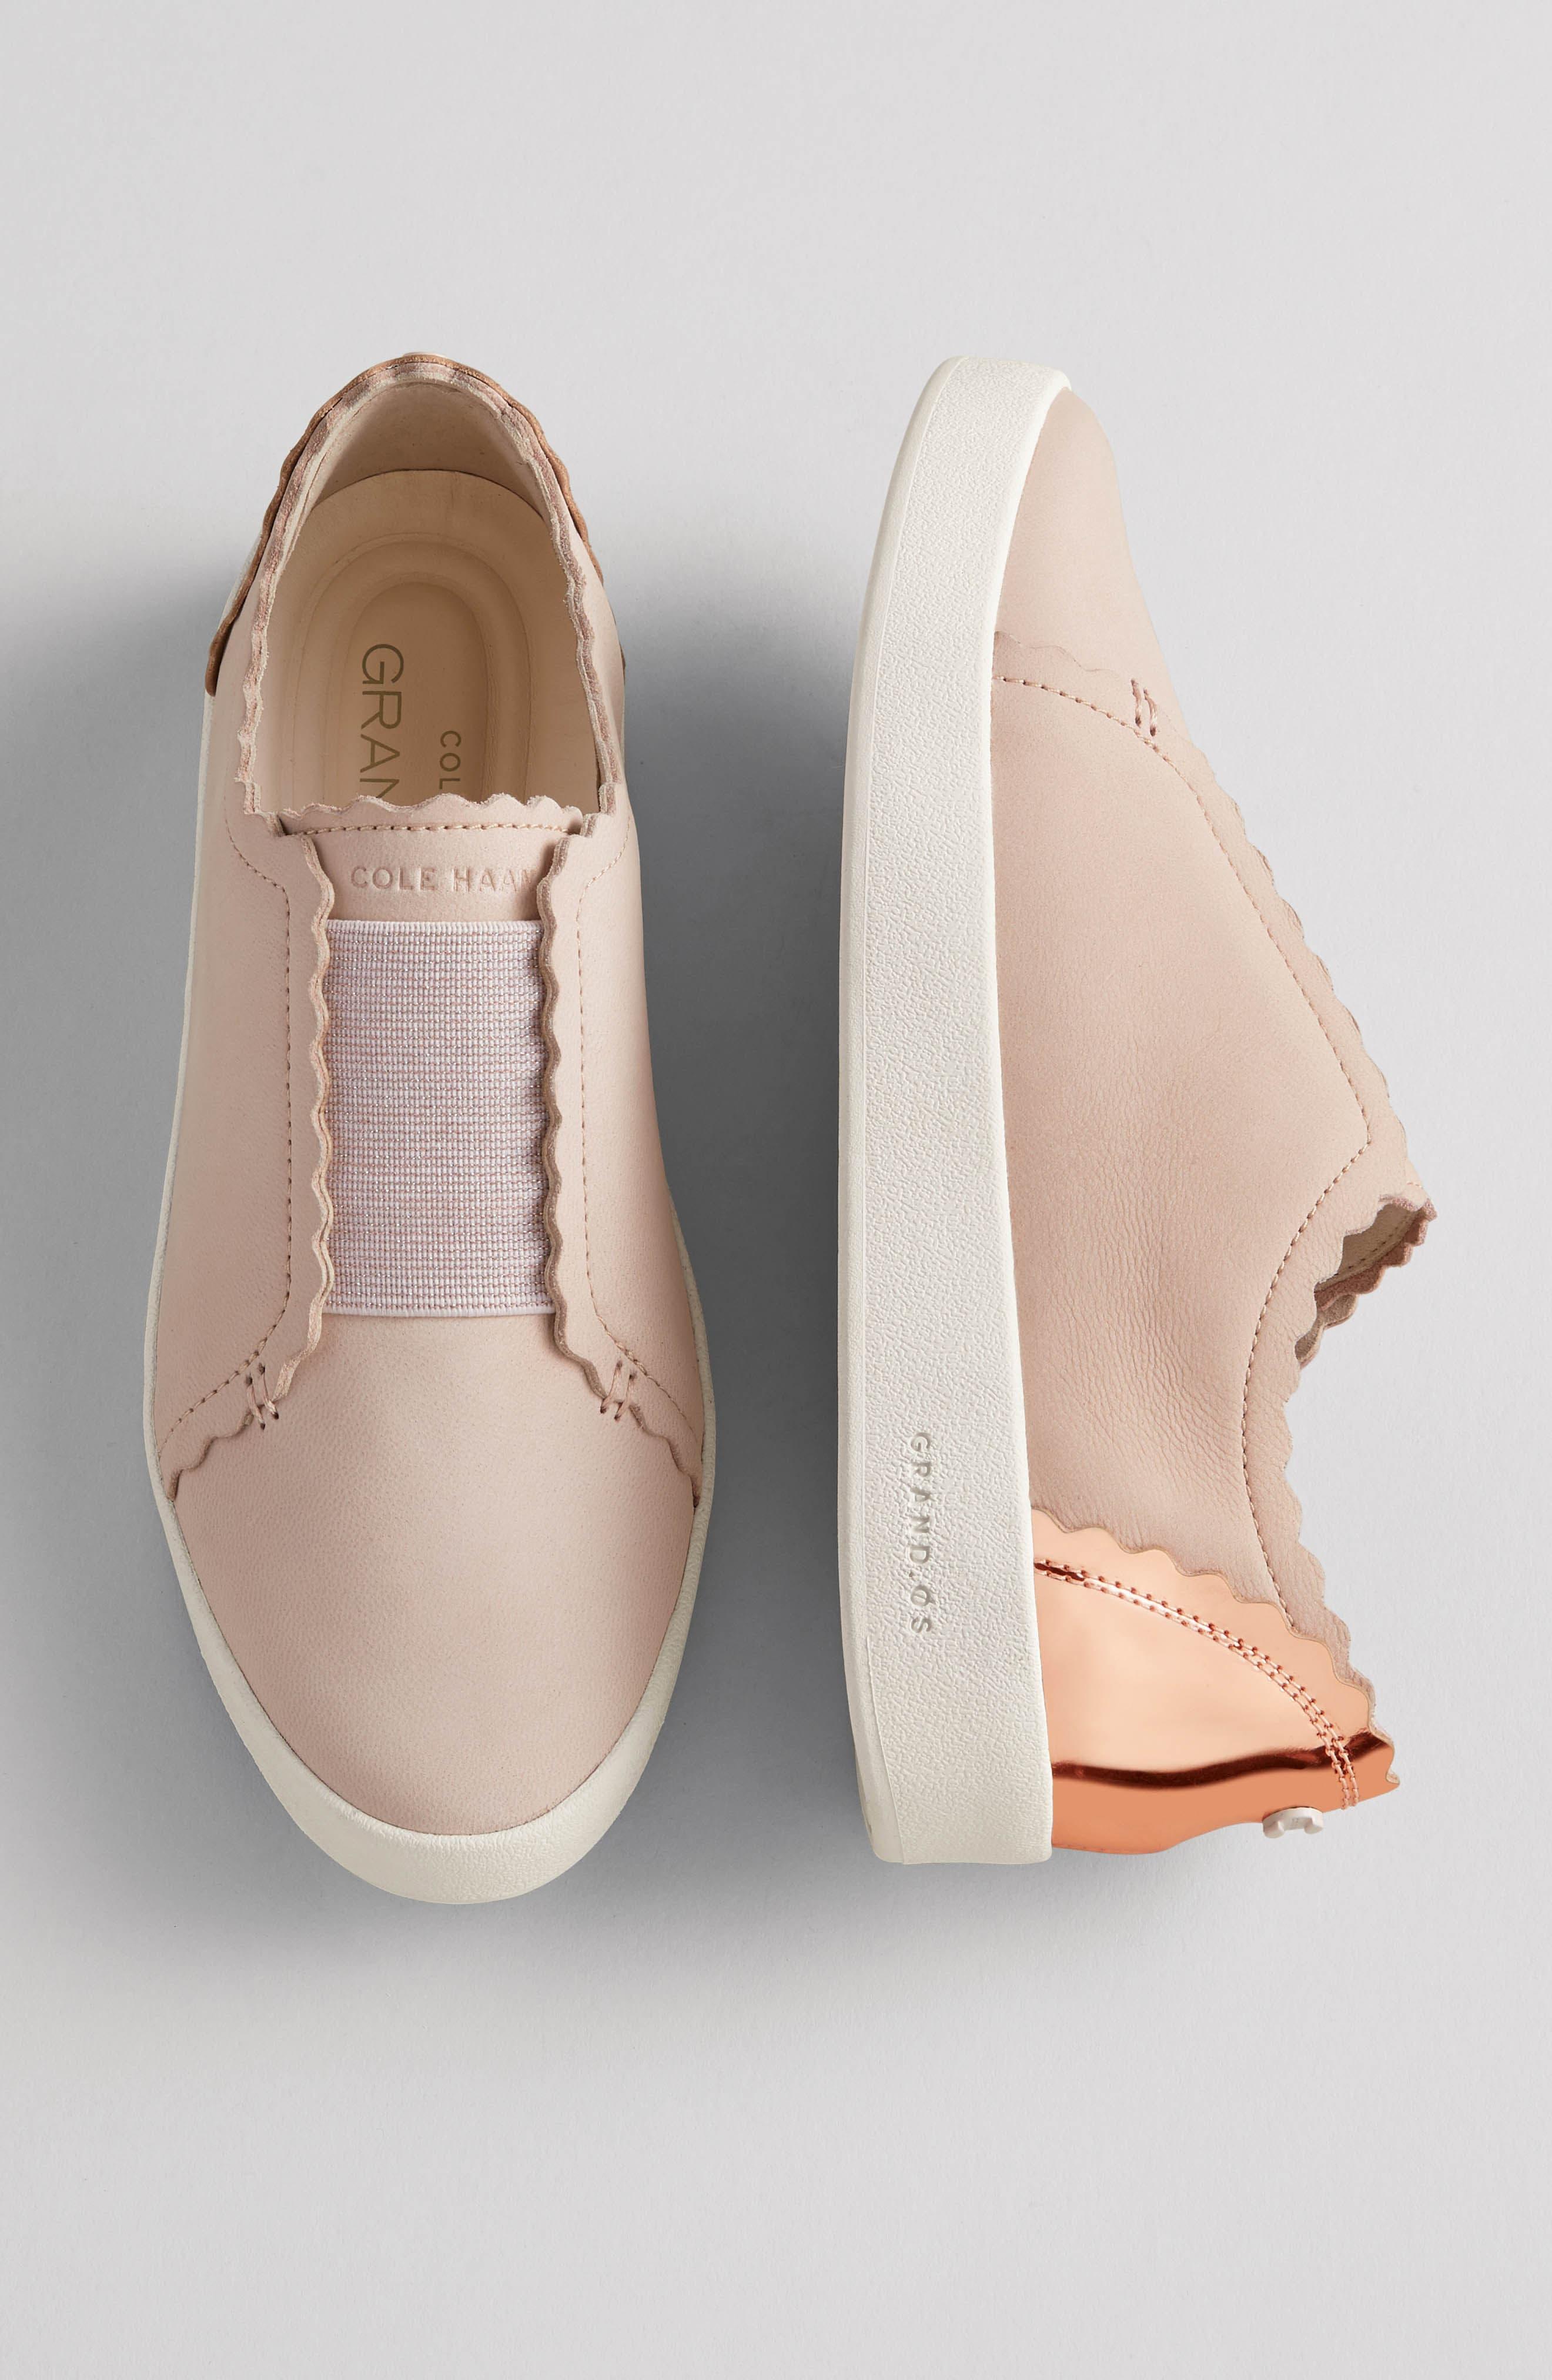 GrandPro Spectator Scalloped Slip-On Sneaker,                             Alternate thumbnail 7, color,                             651